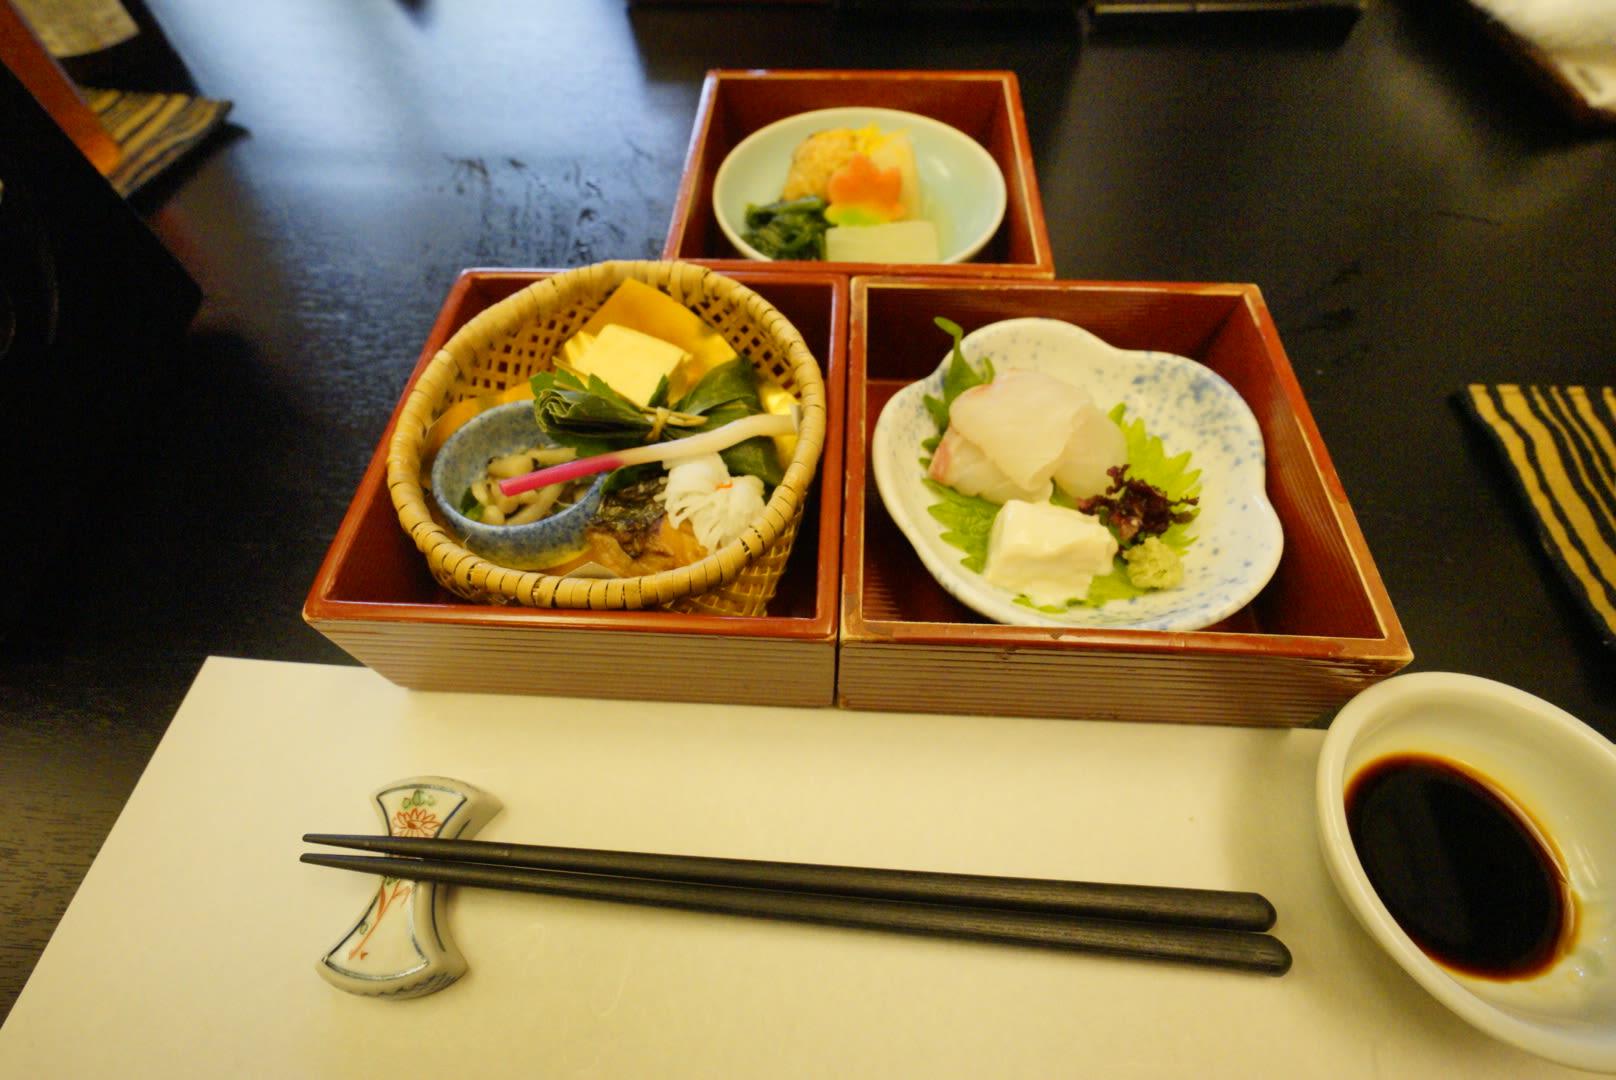 món ăn đặc trưng tại kyoto obanzai trong lịch trình ngắm mùa thu ở kyoto